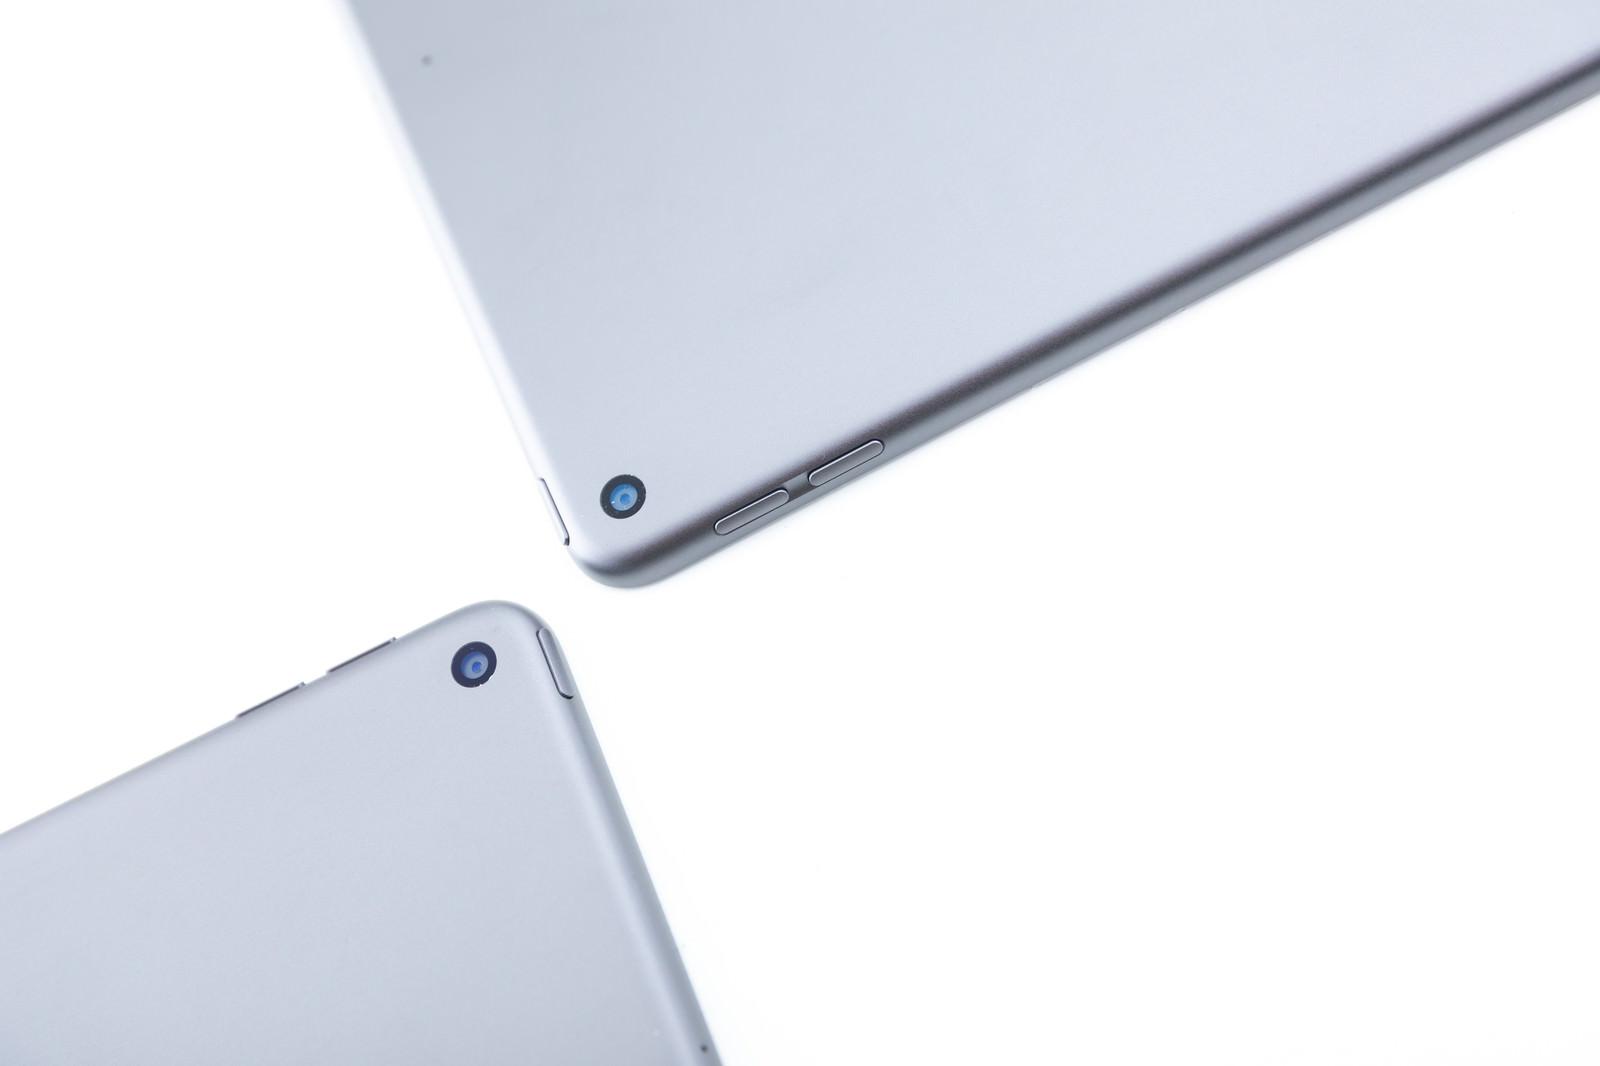 「iPadminiの仕様比較(リアカメラ)」の写真